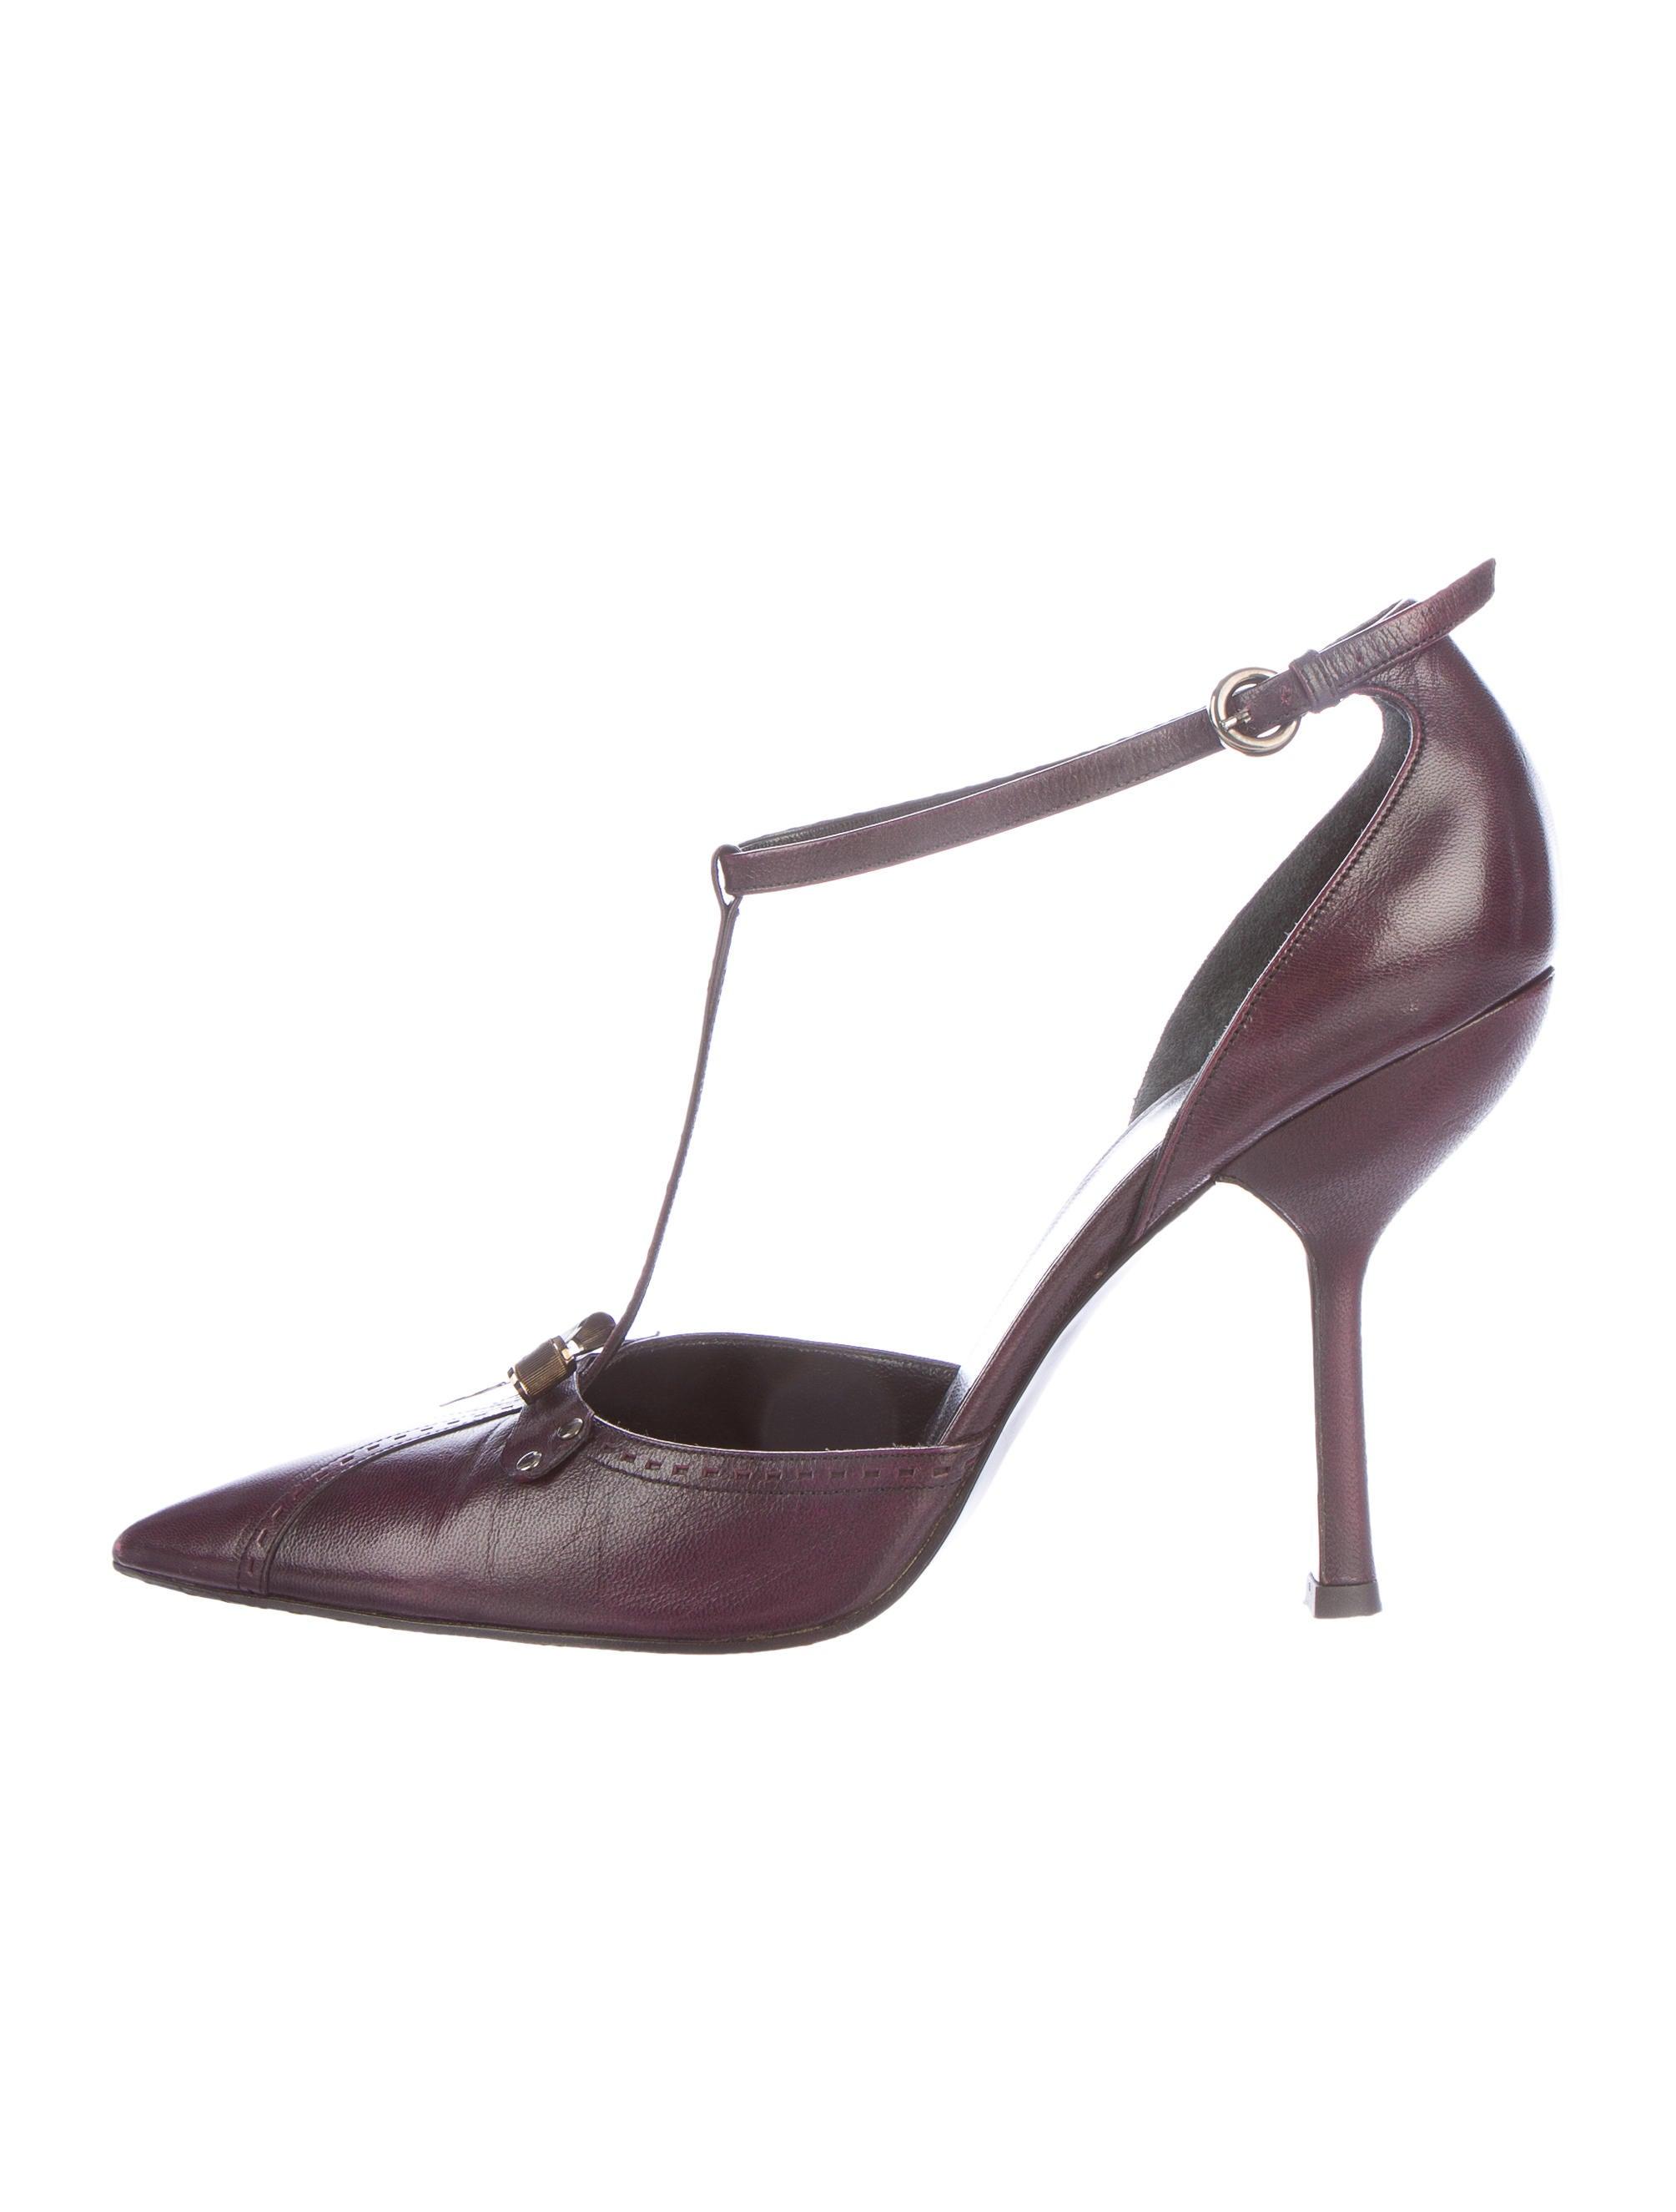 miu miu leather t strap pumps shoes miu39462 the realreal. Black Bedroom Furniture Sets. Home Design Ideas